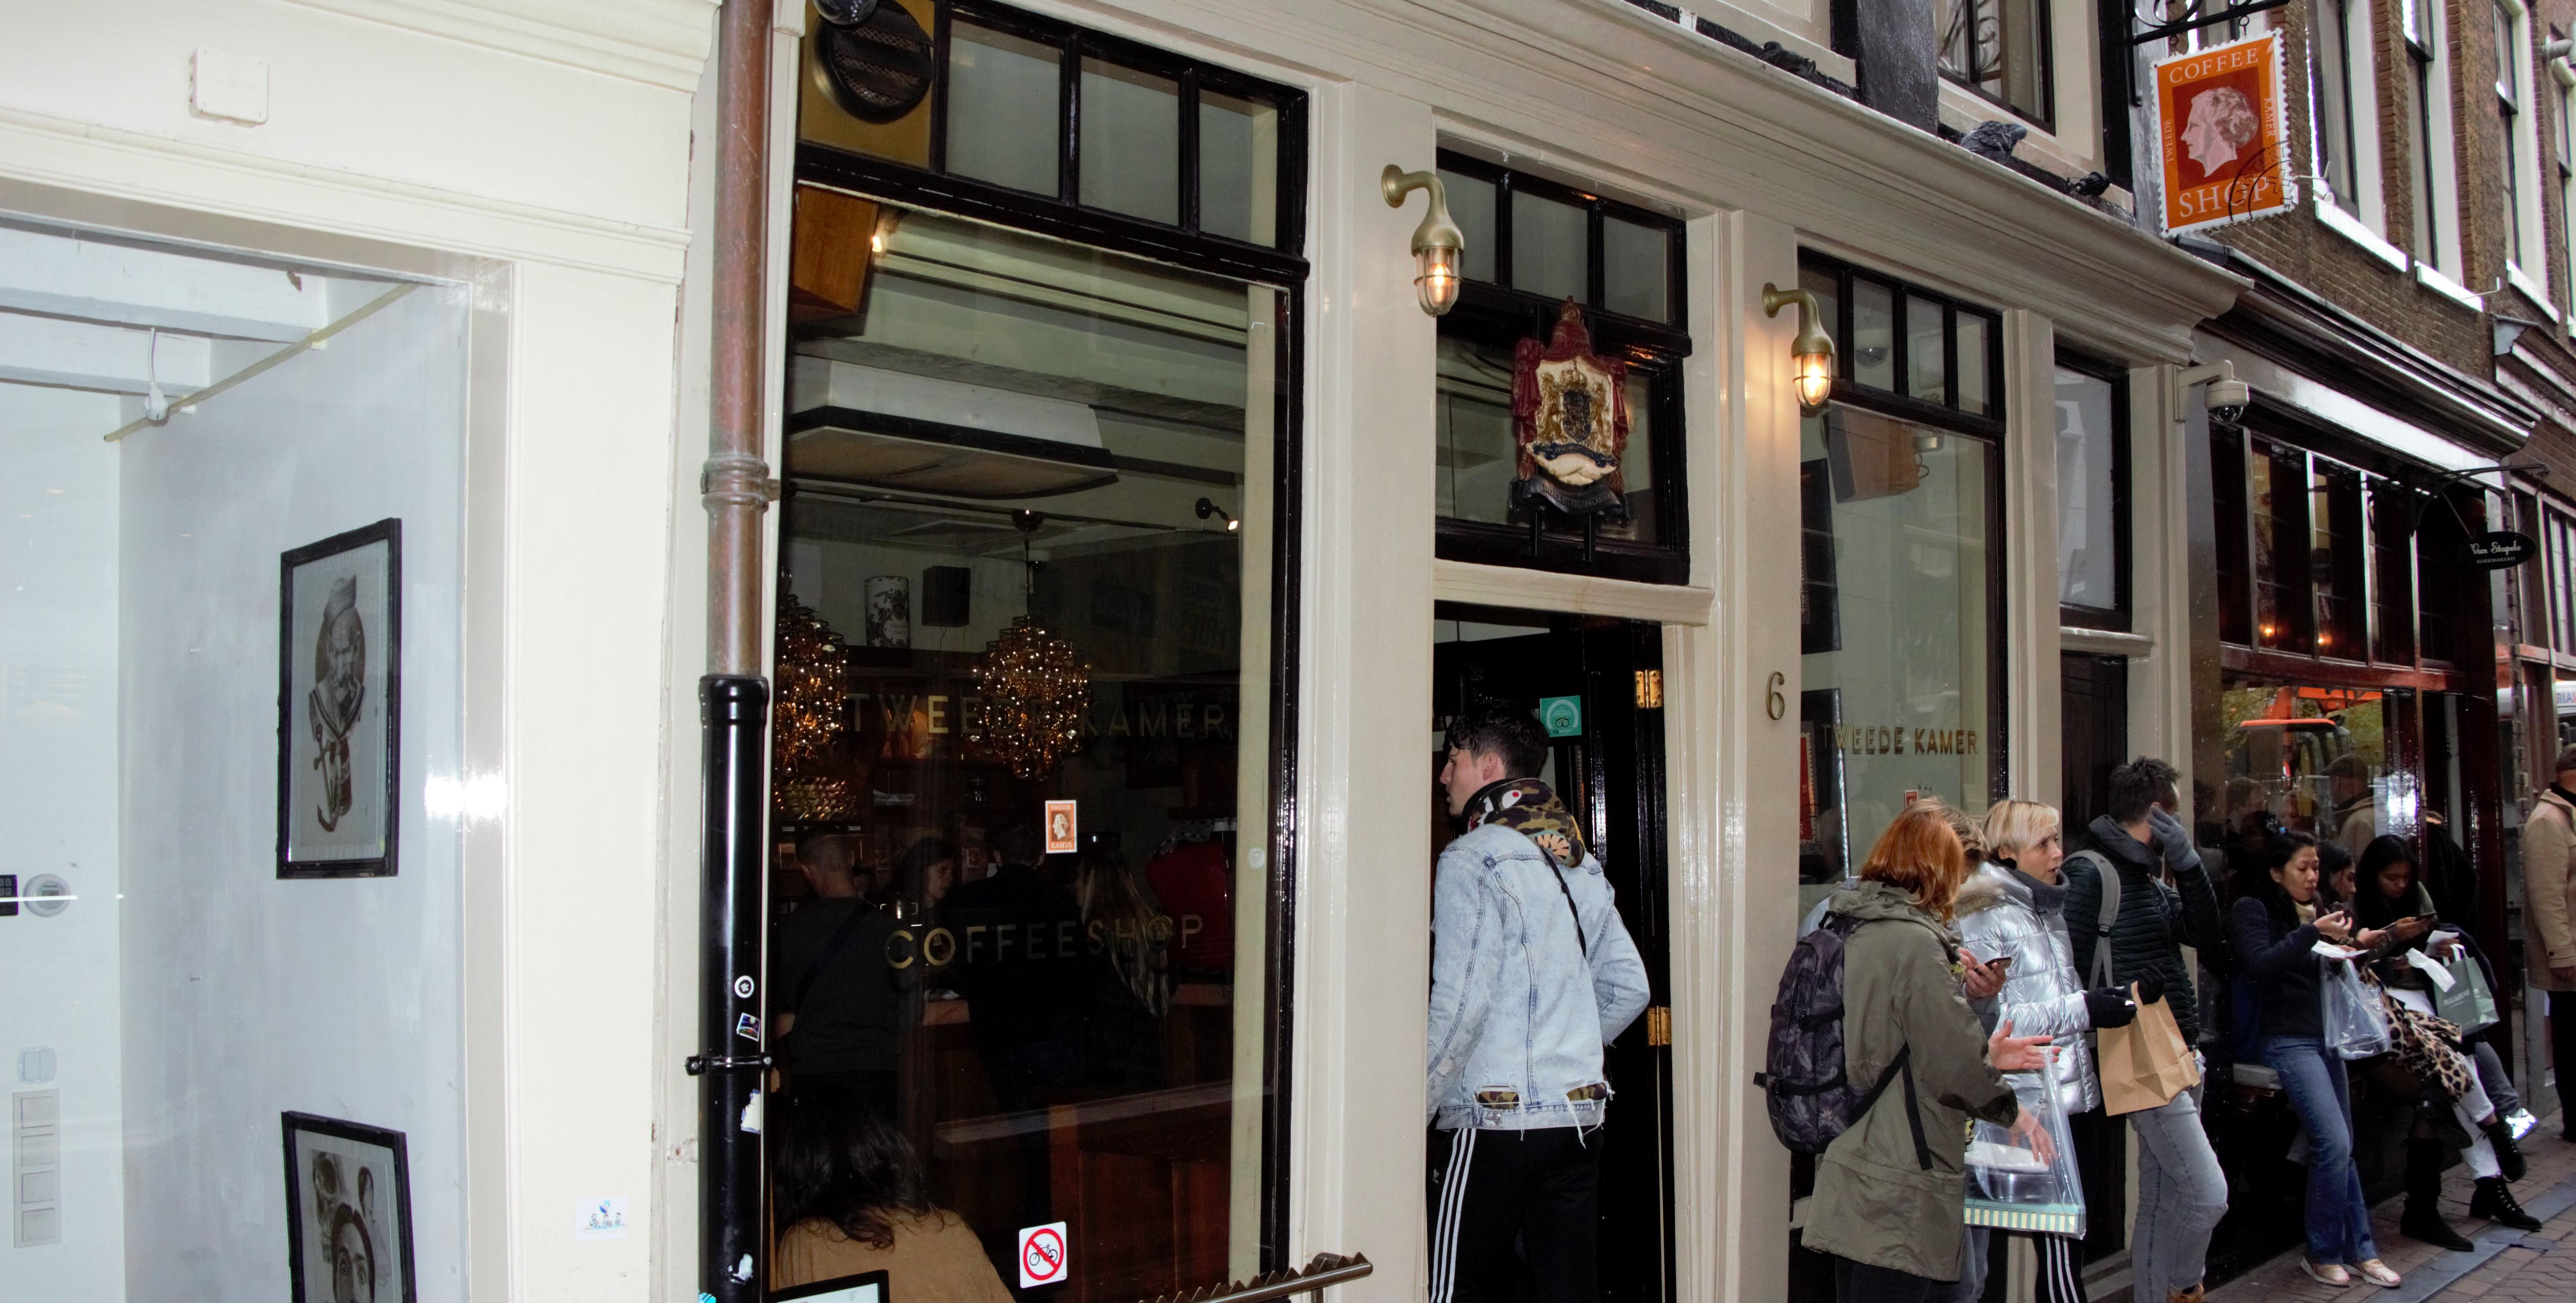 TWEEDE KAMER AMSTERDAM COFFEESHOP